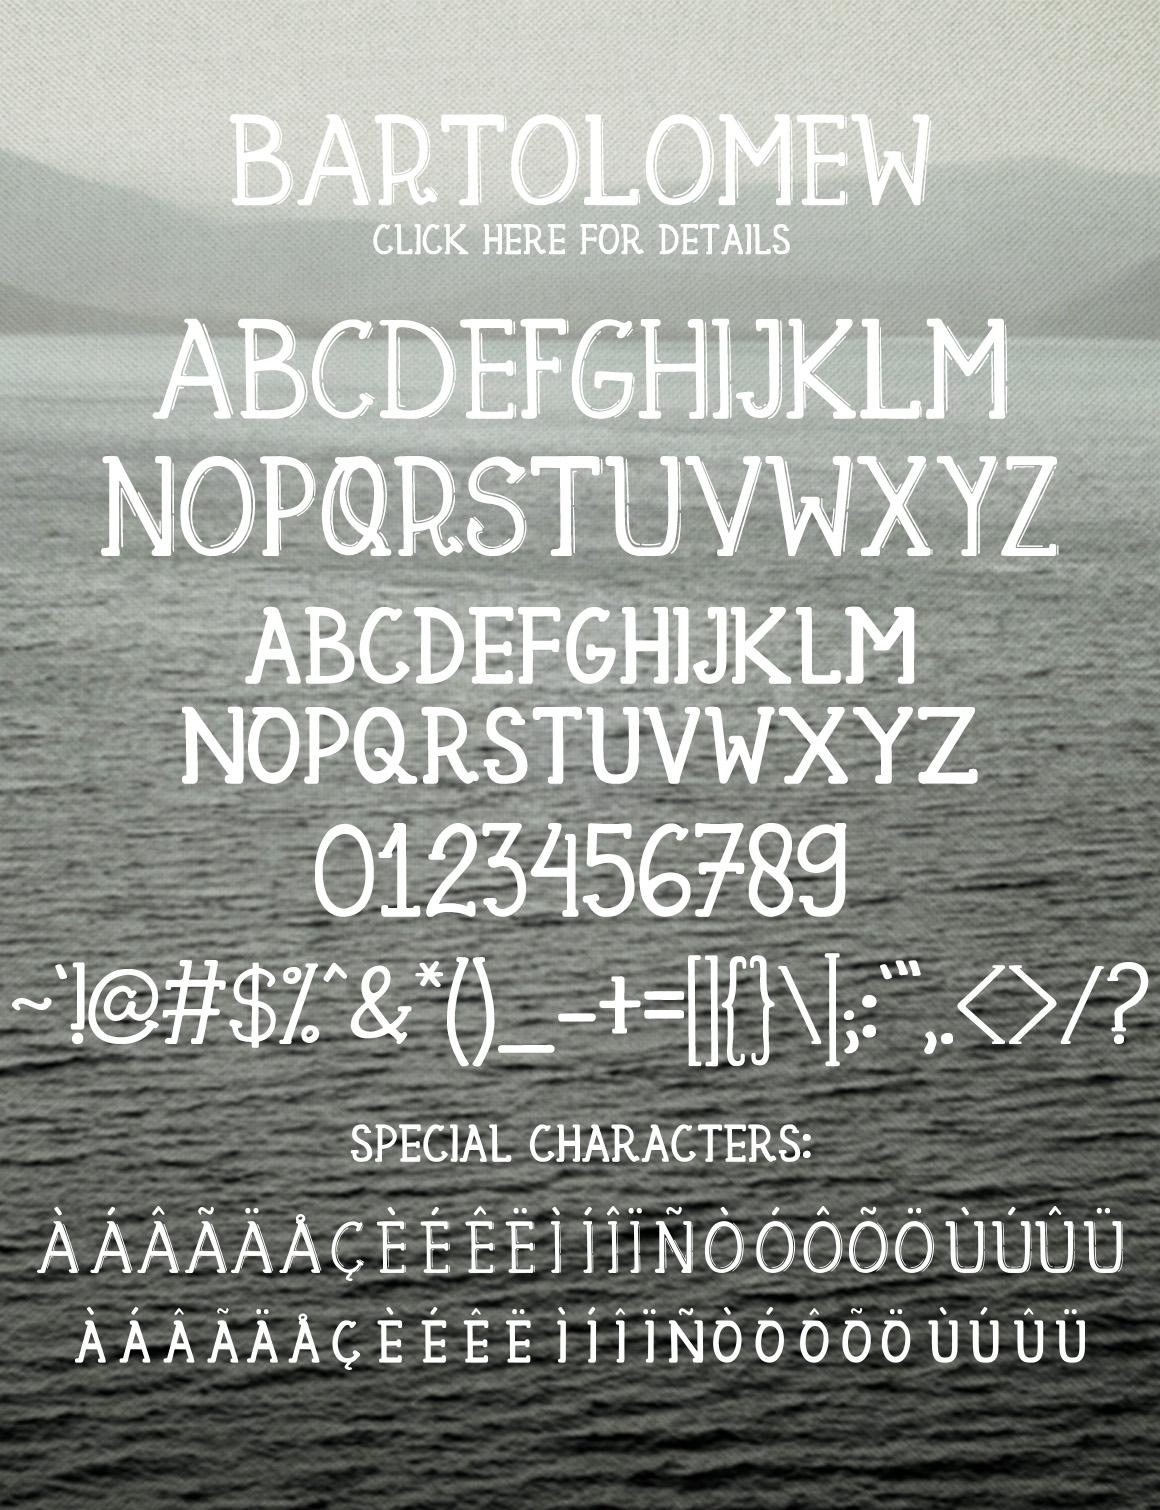 Bartolomew-Free-Vintage-Hand-Lettered-Font 4